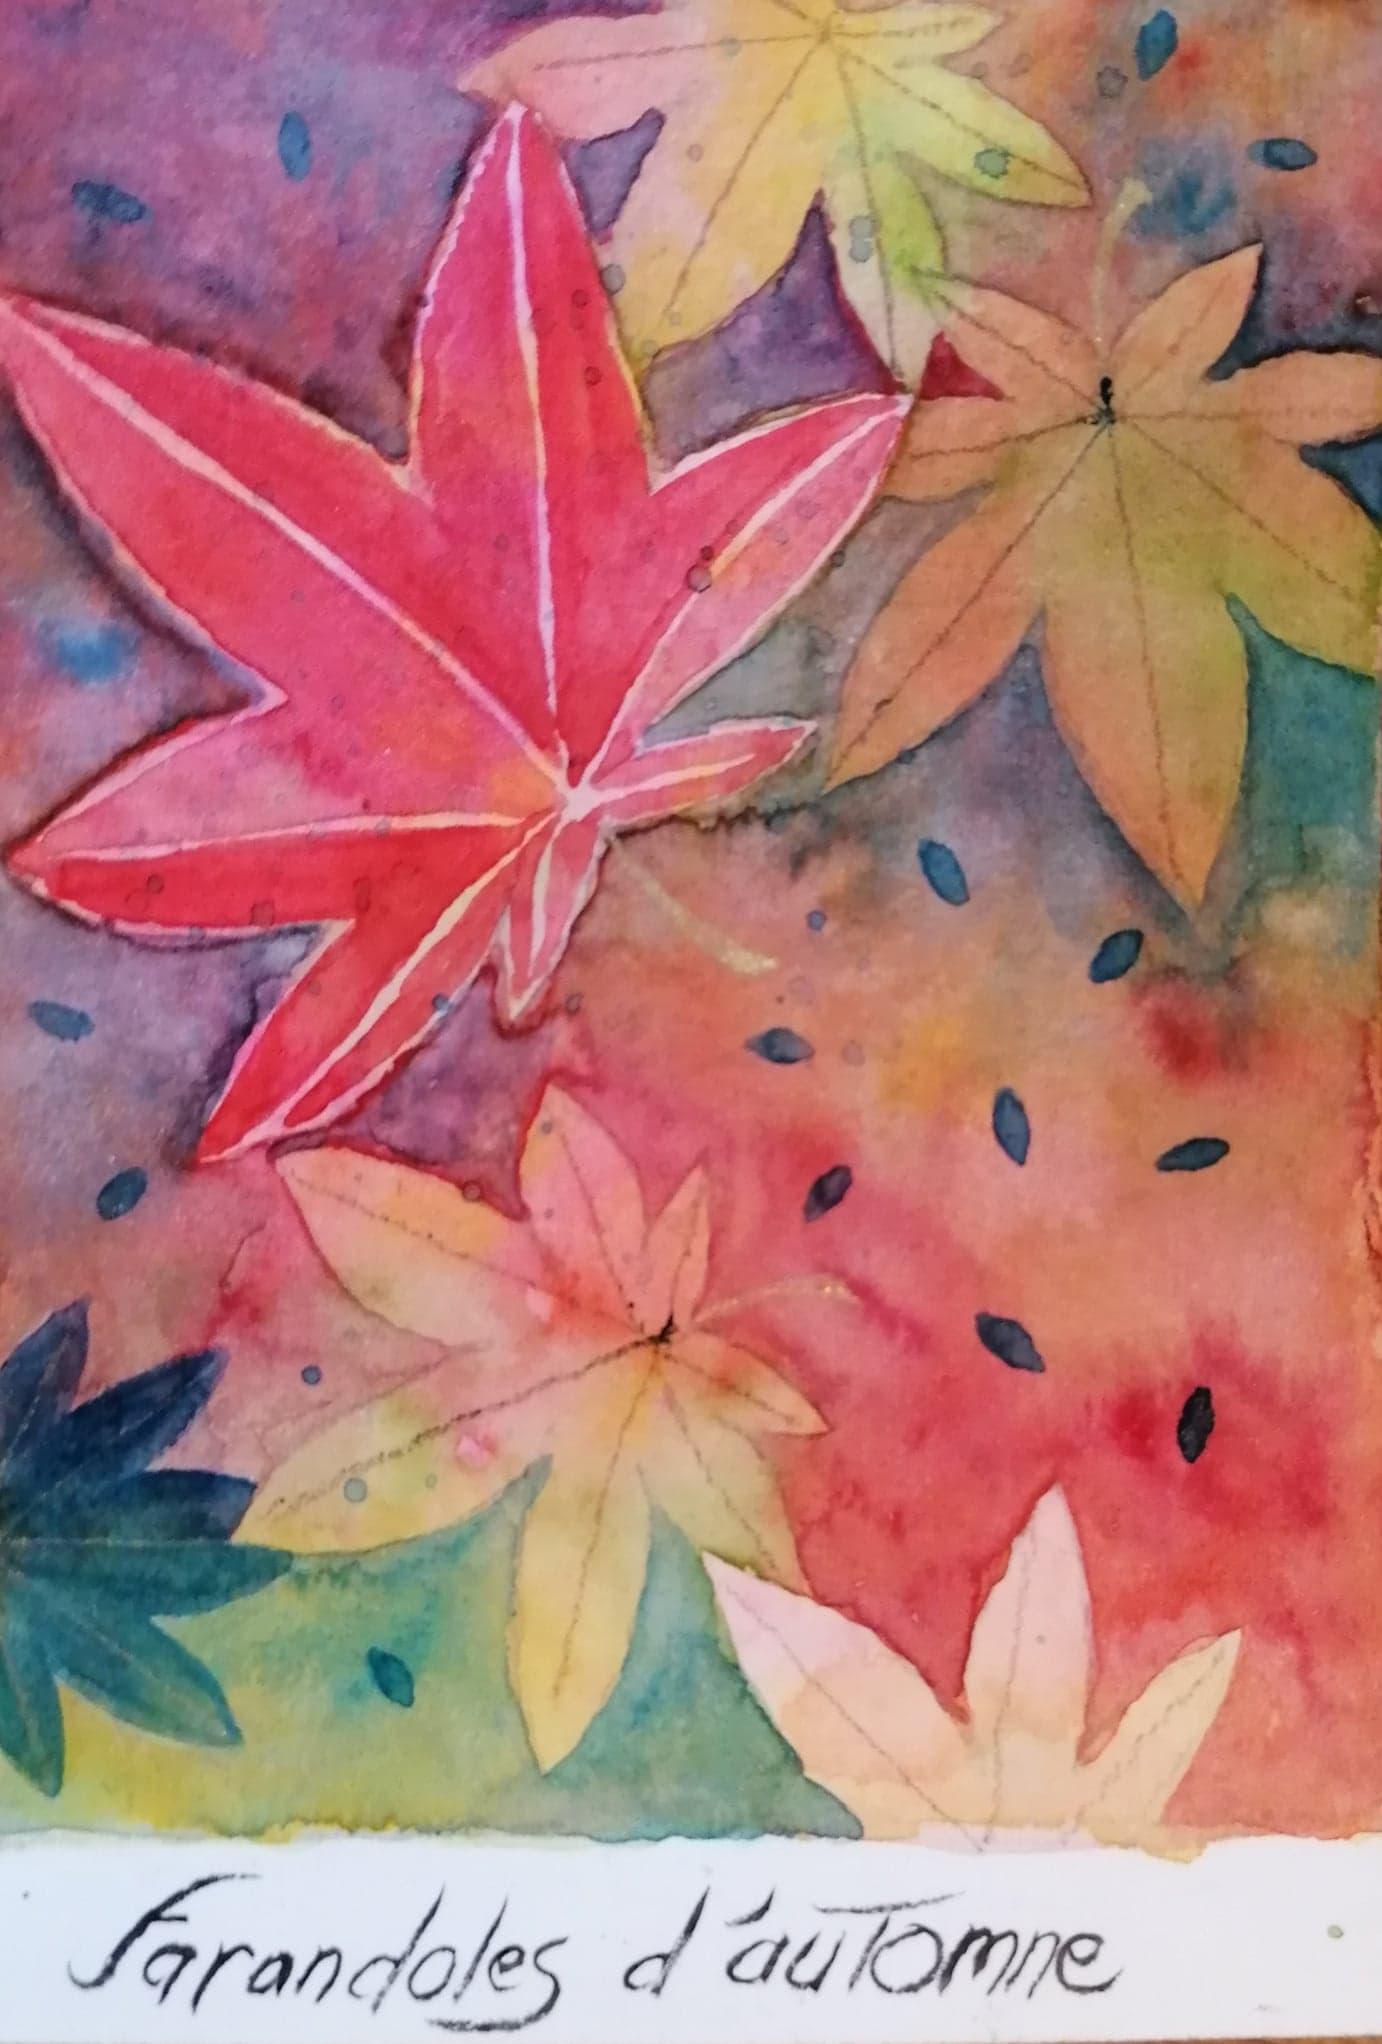 Farandoles d'automne